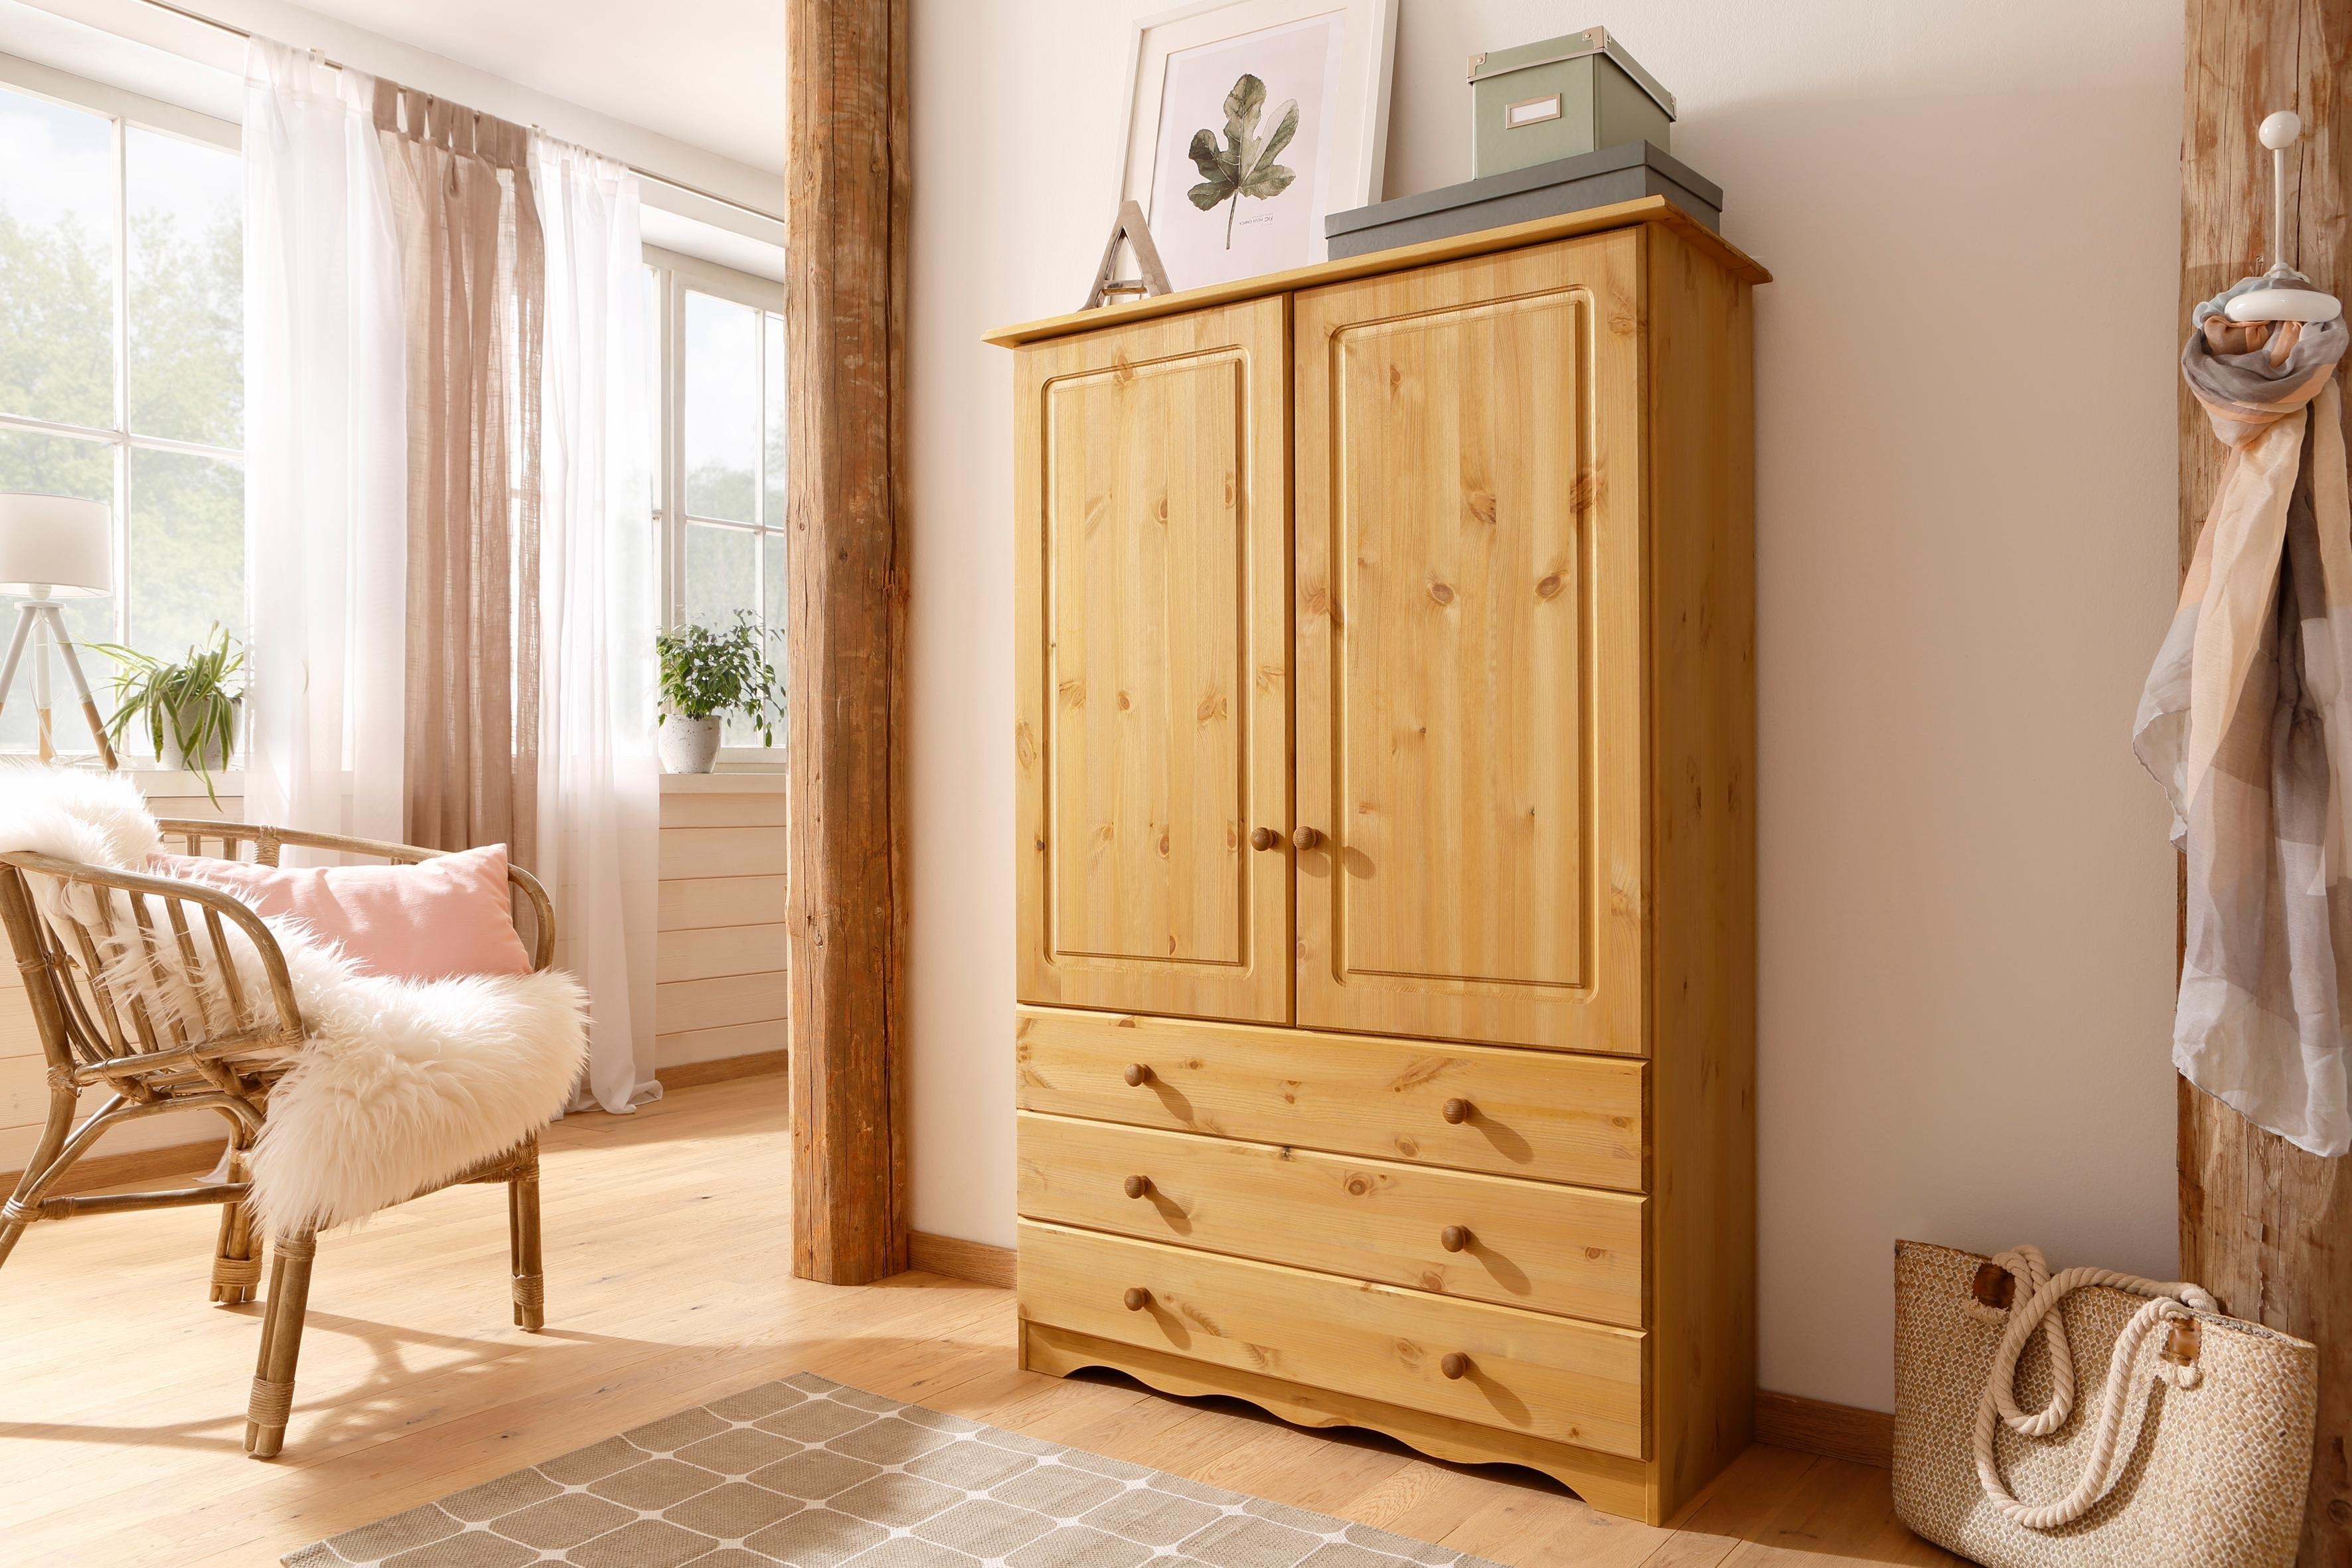 Home affaire linnenkast Minik van mooi massief grenenhout, in verschillende kleurvarianten voordelig en veilig online kopen